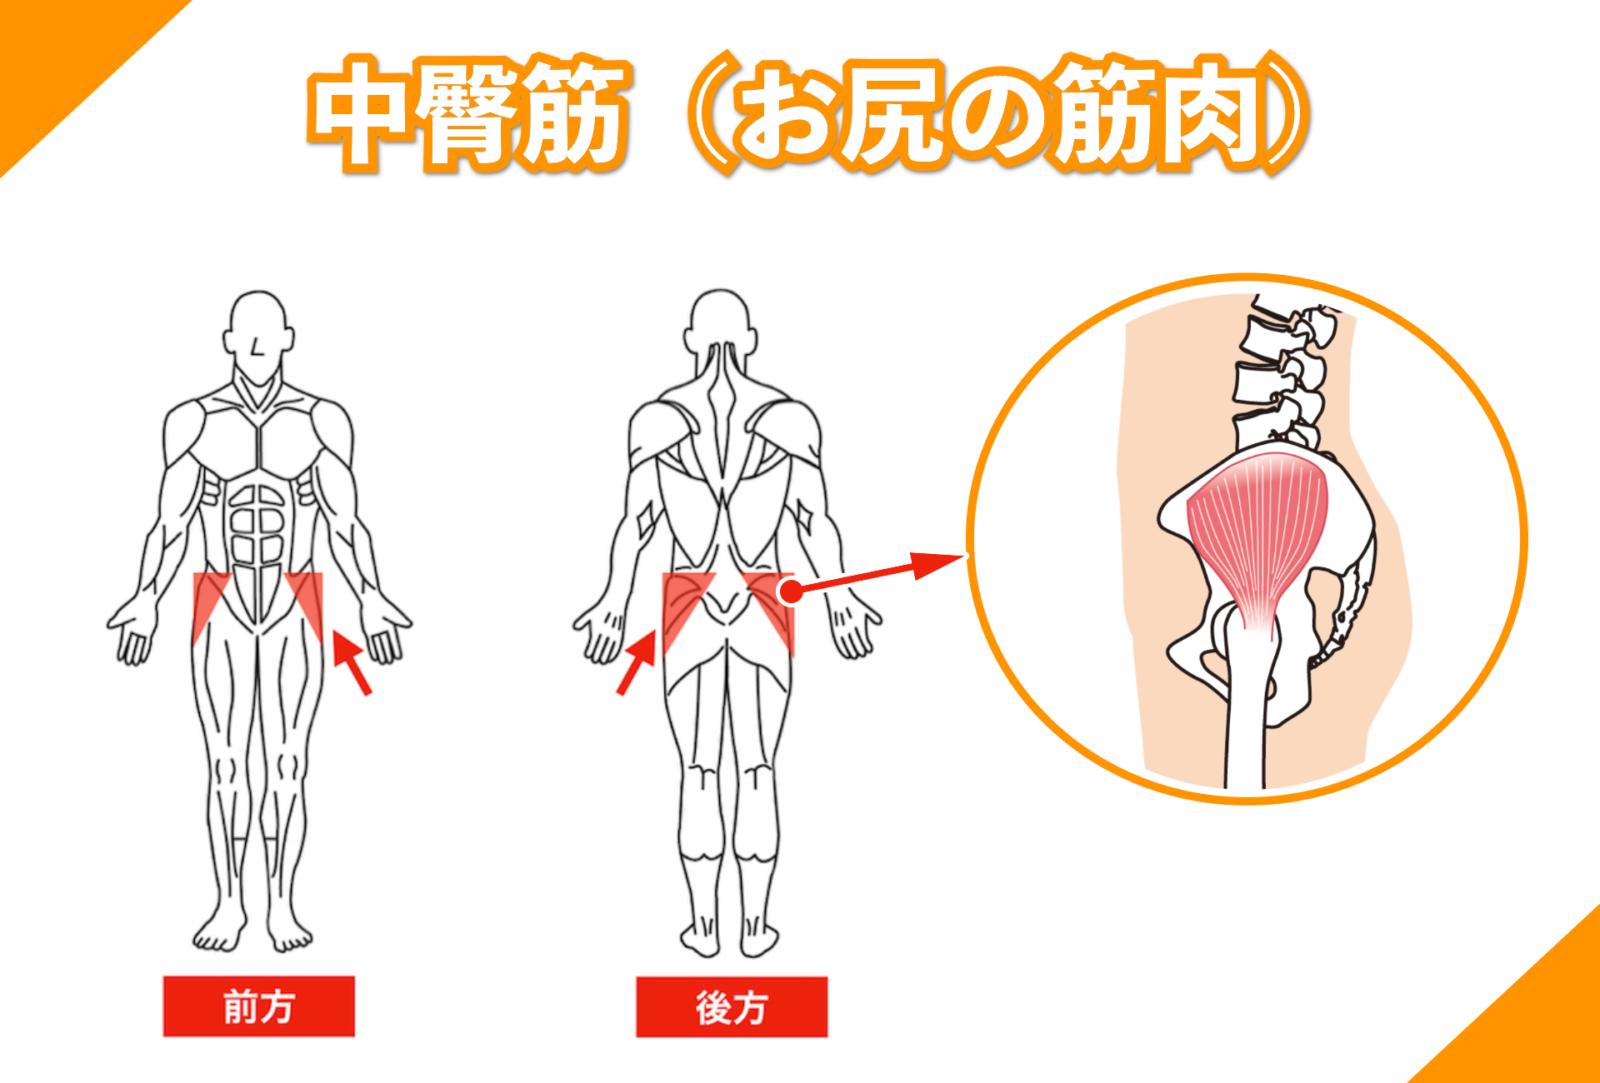 中臀筋(お尻の筋肉)